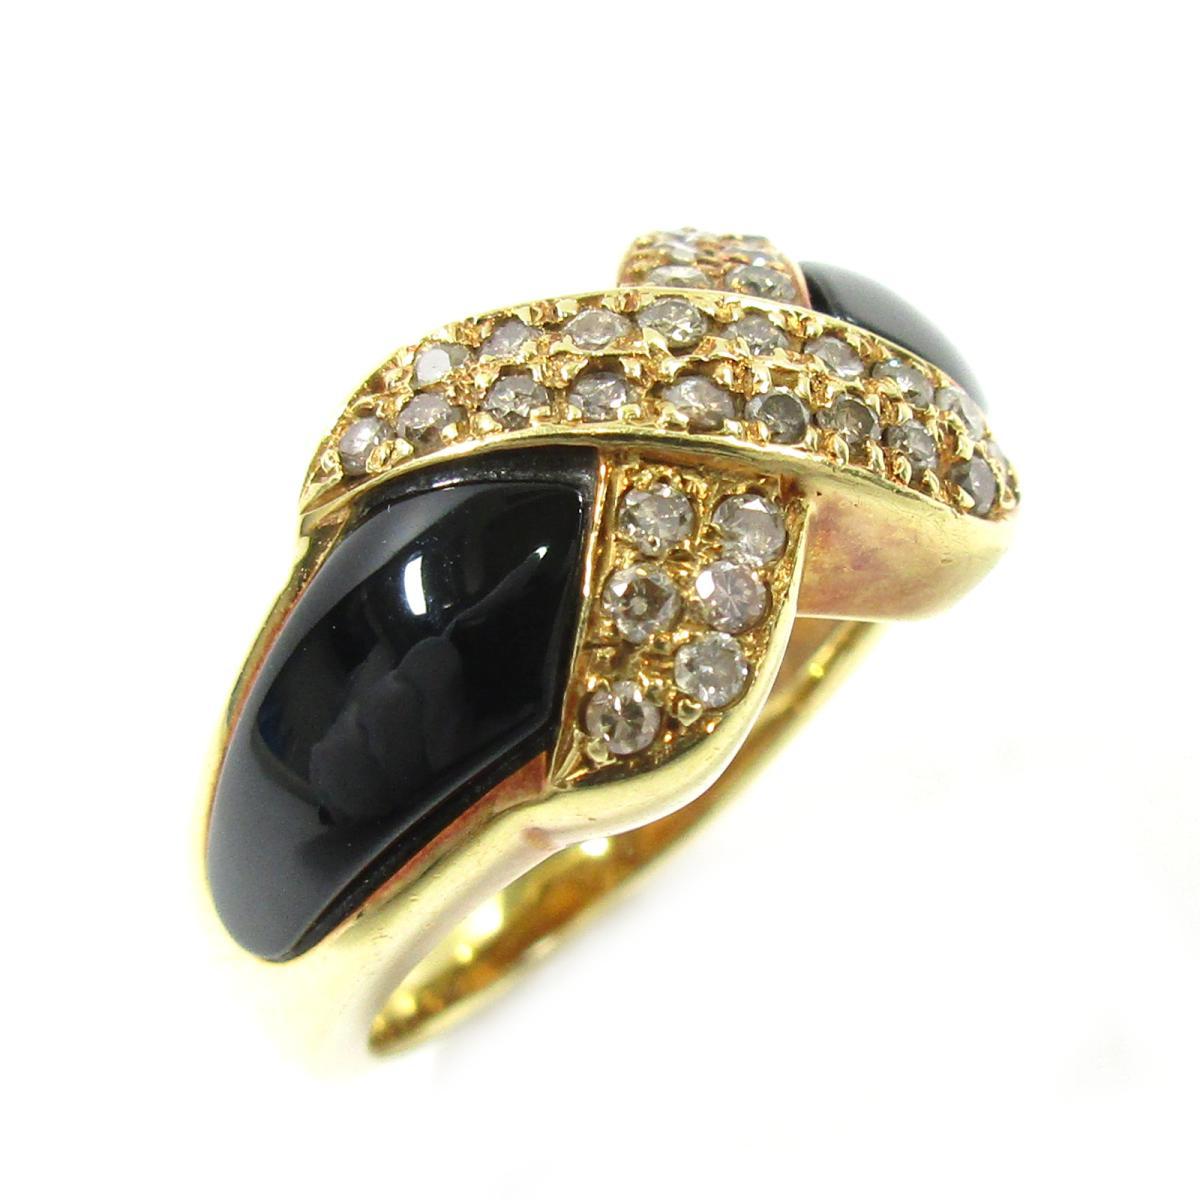 【中古】 ジュエリー ダイヤモンドリング レディース K18YG (750) イエローゴールド x ダイヤモンド0.30ct ゴールド ブラック クリアー   JEWELRY BRANDOFF ブランドオフ ブランド ジュエリー アクセサリー 指輪 リング